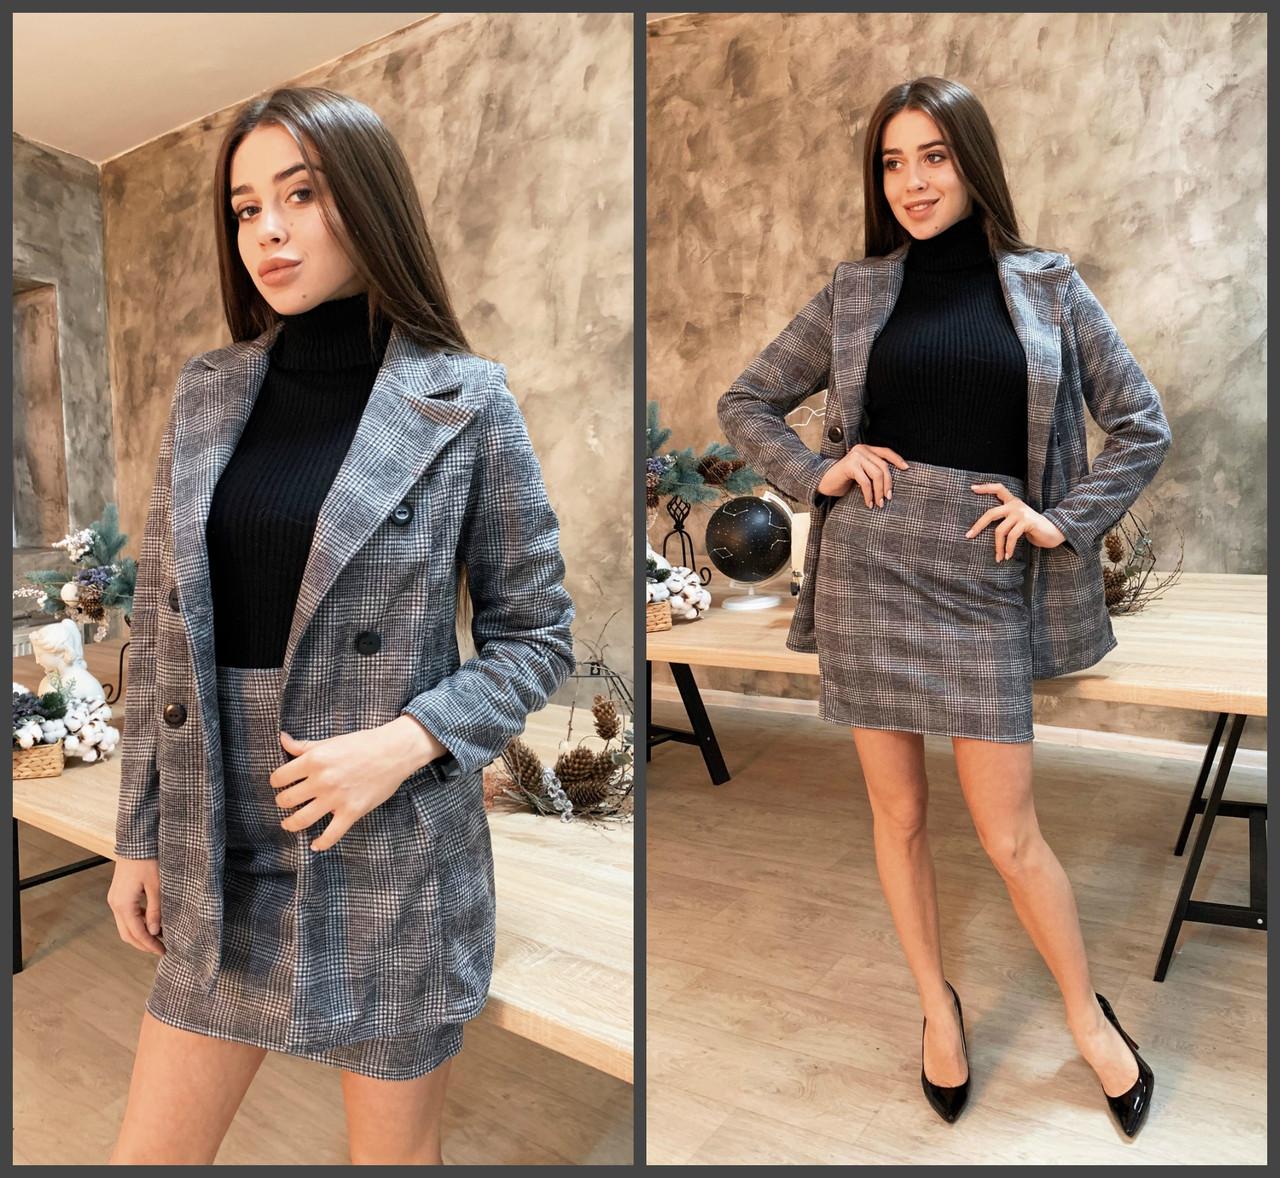 Костюм двойка женский, в клетку трикотажный, удлиненный пиджак + юбка, повседневный, офисный, модный, стильный